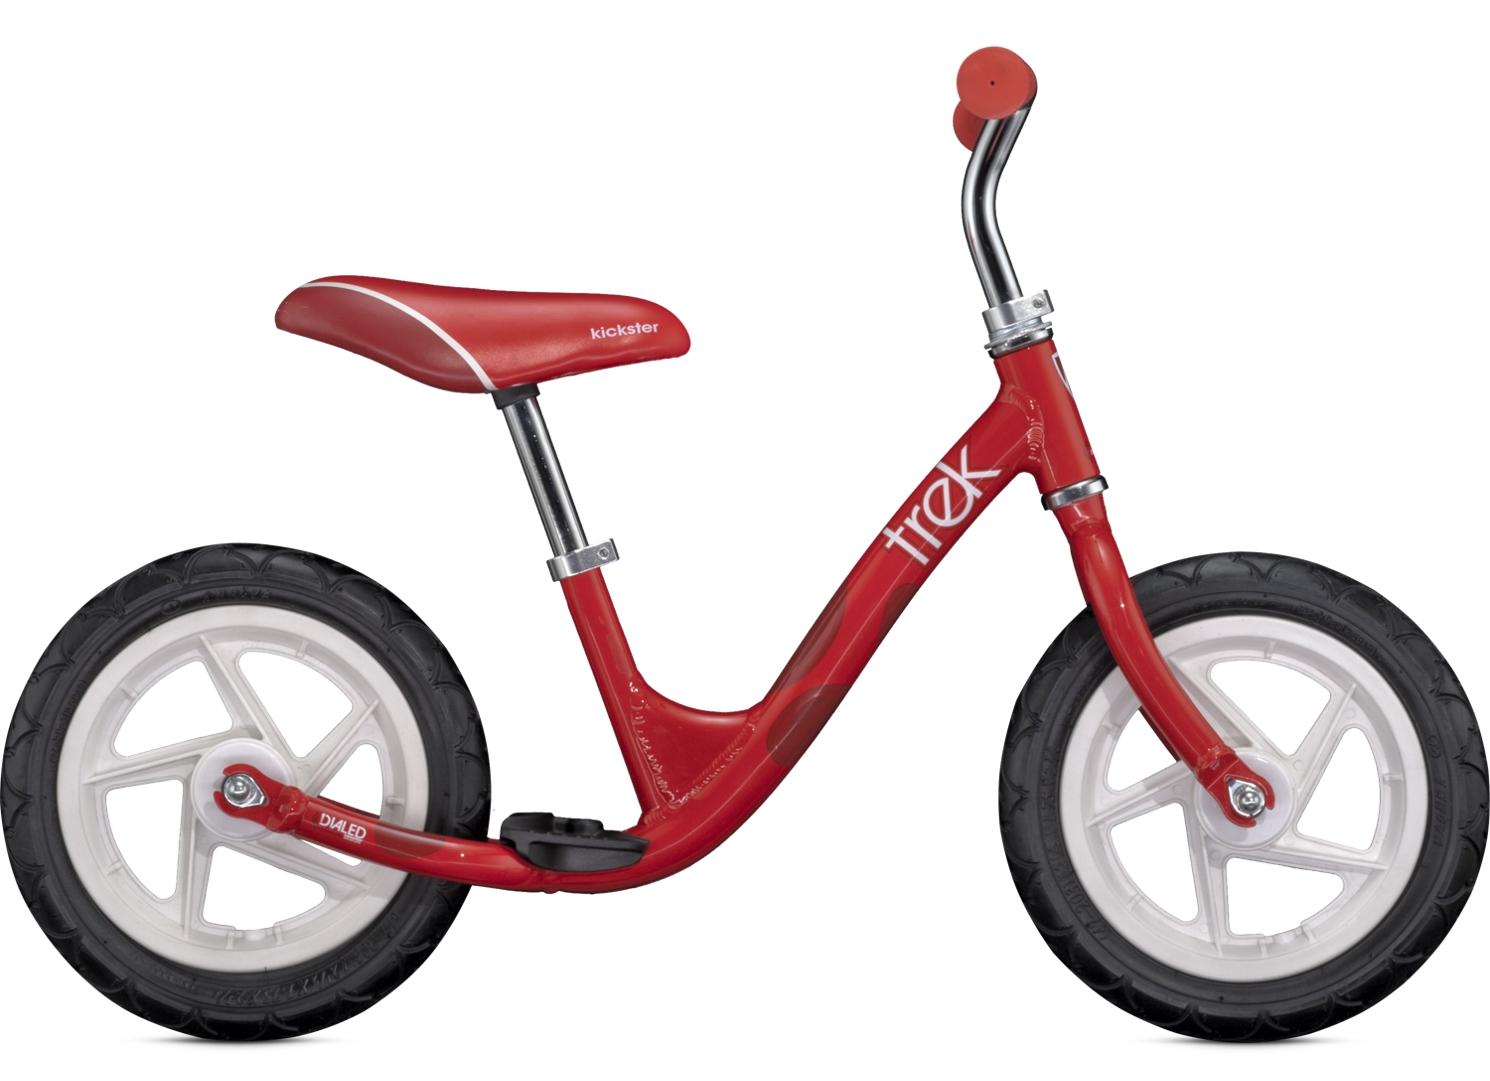 Trek Kickster Bike